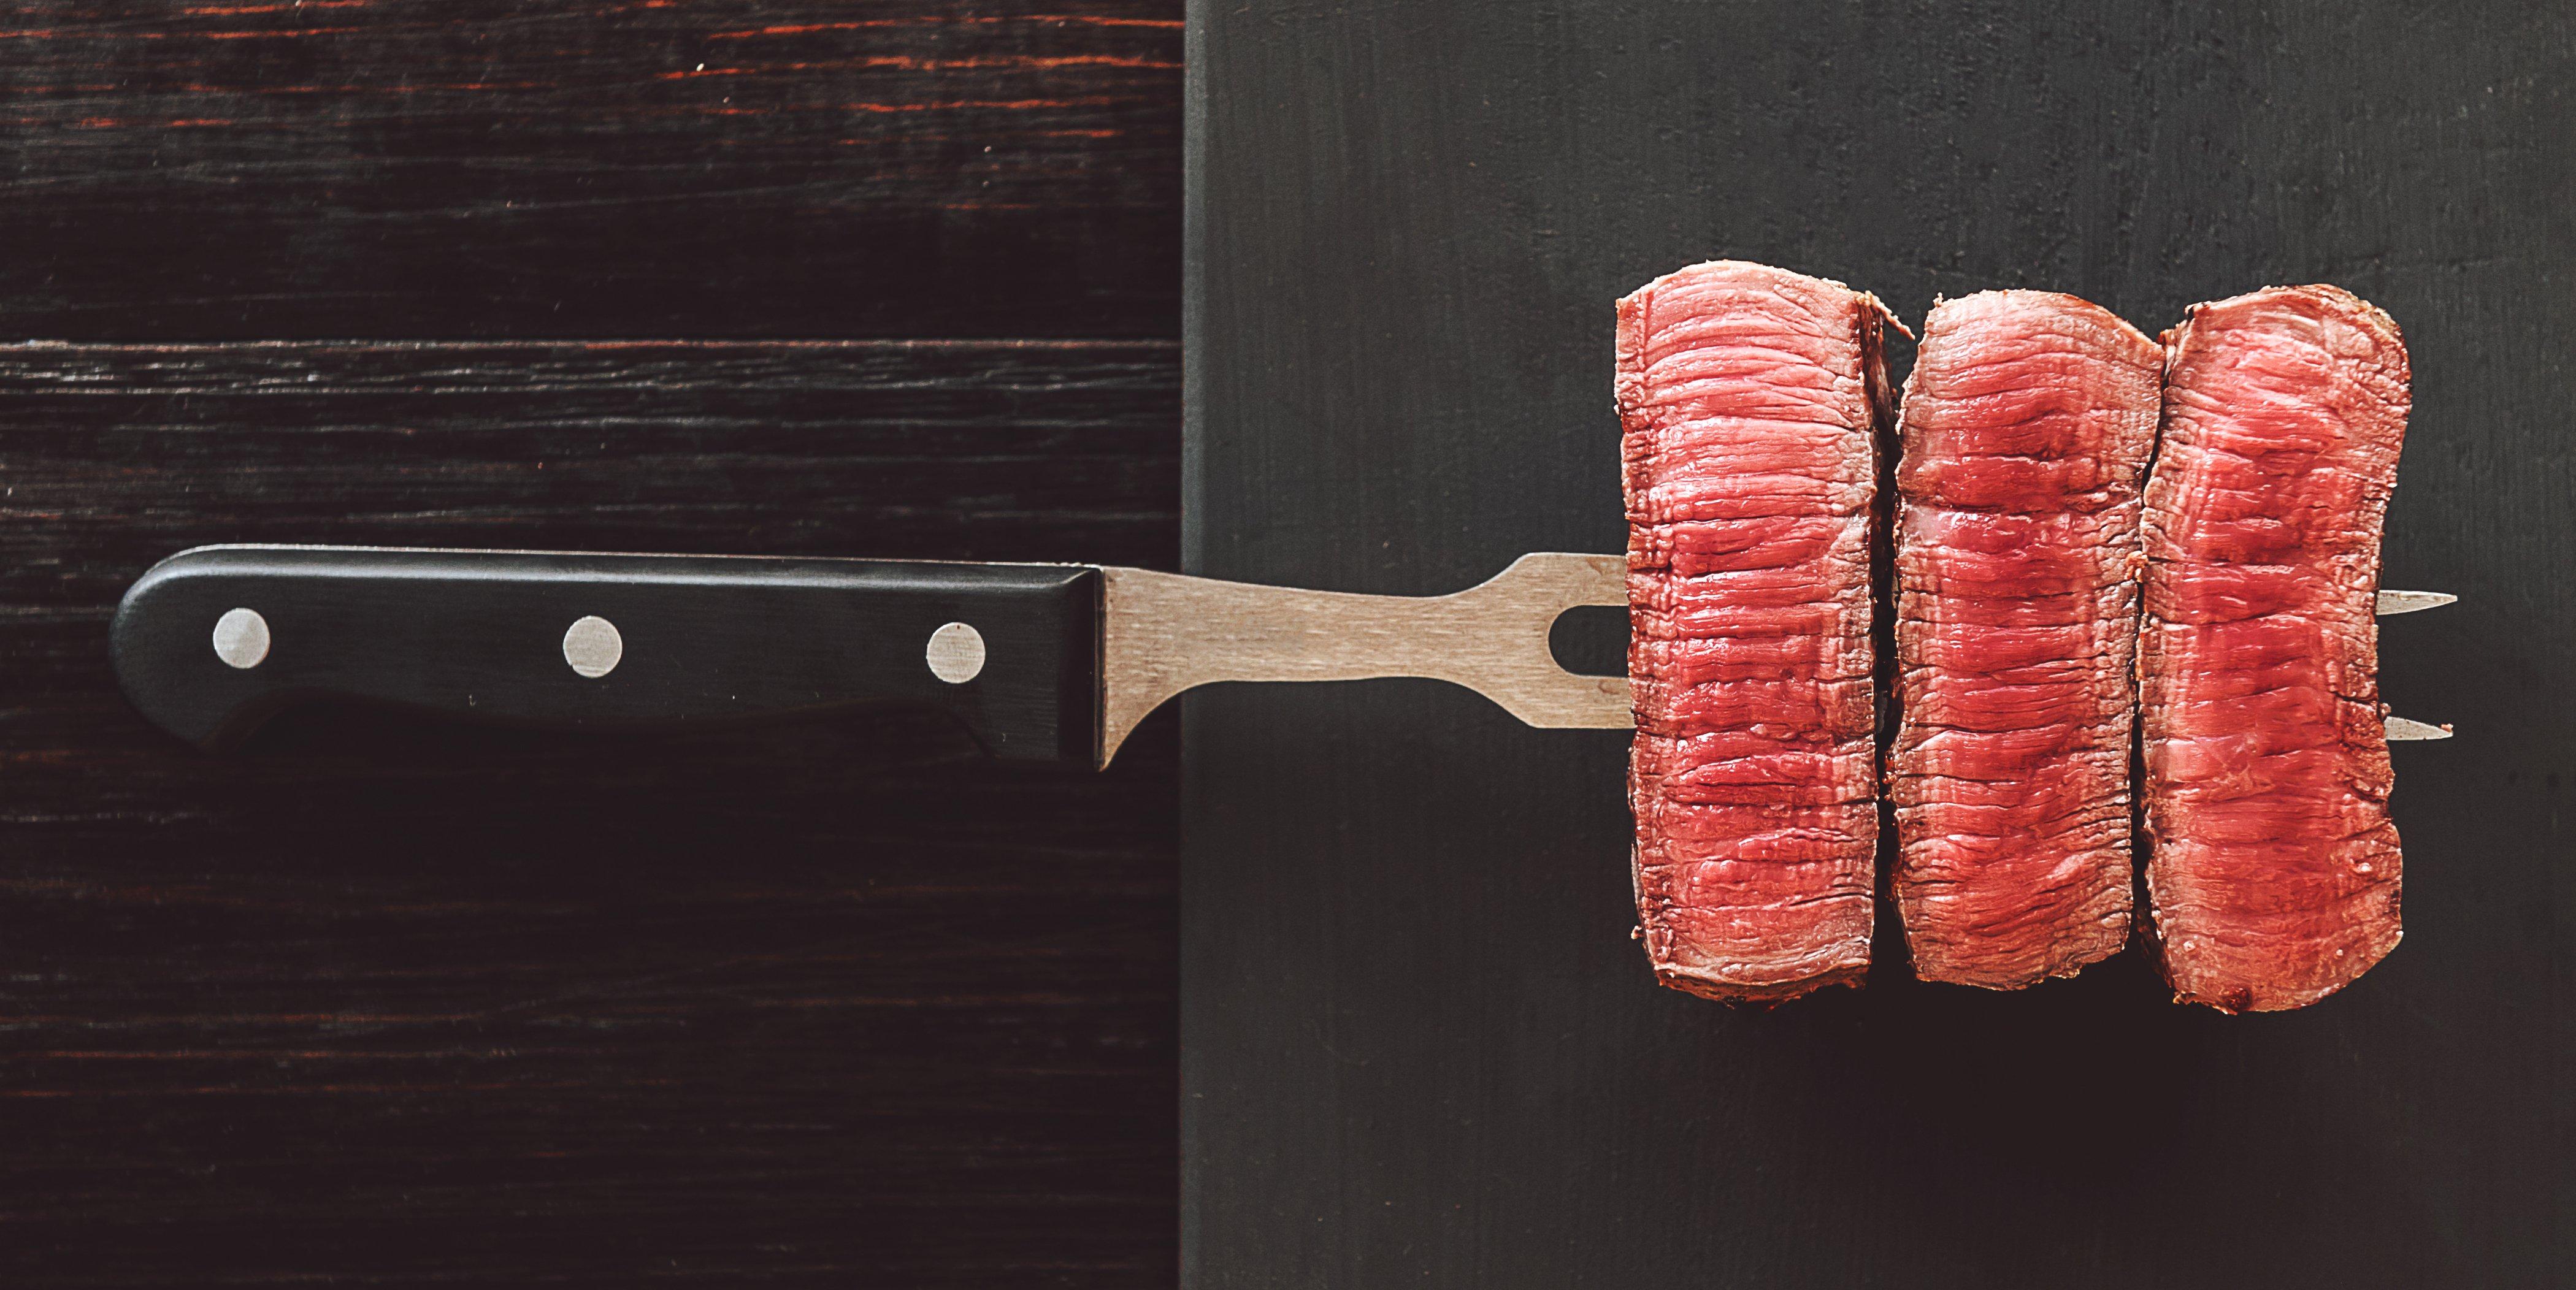 un forchettone con tre pezzi di carne